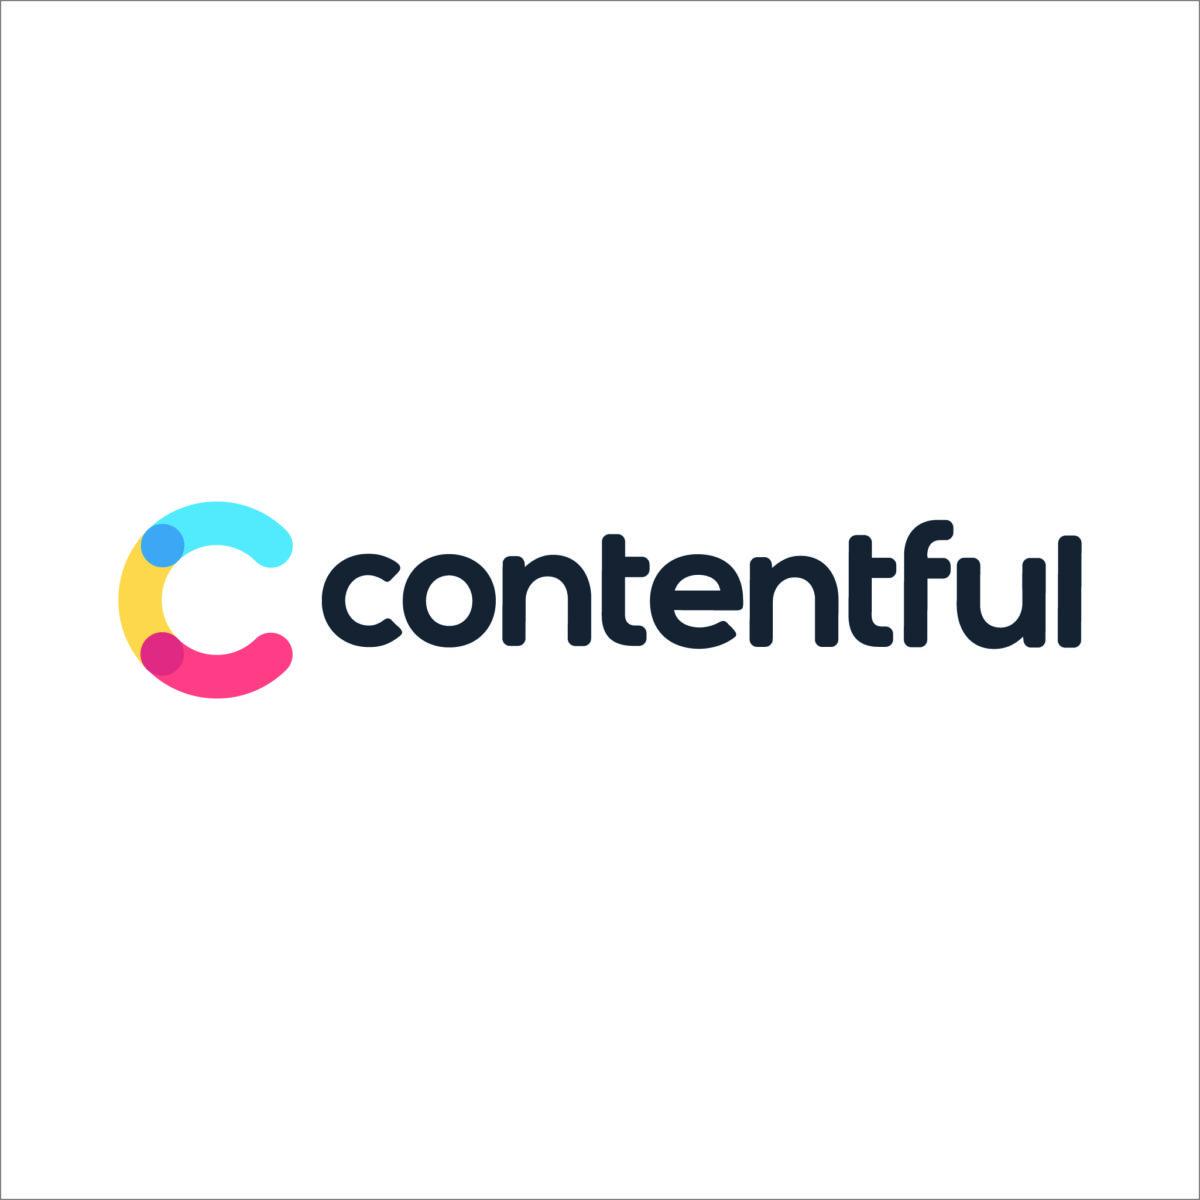 Contentful - Headless CMS